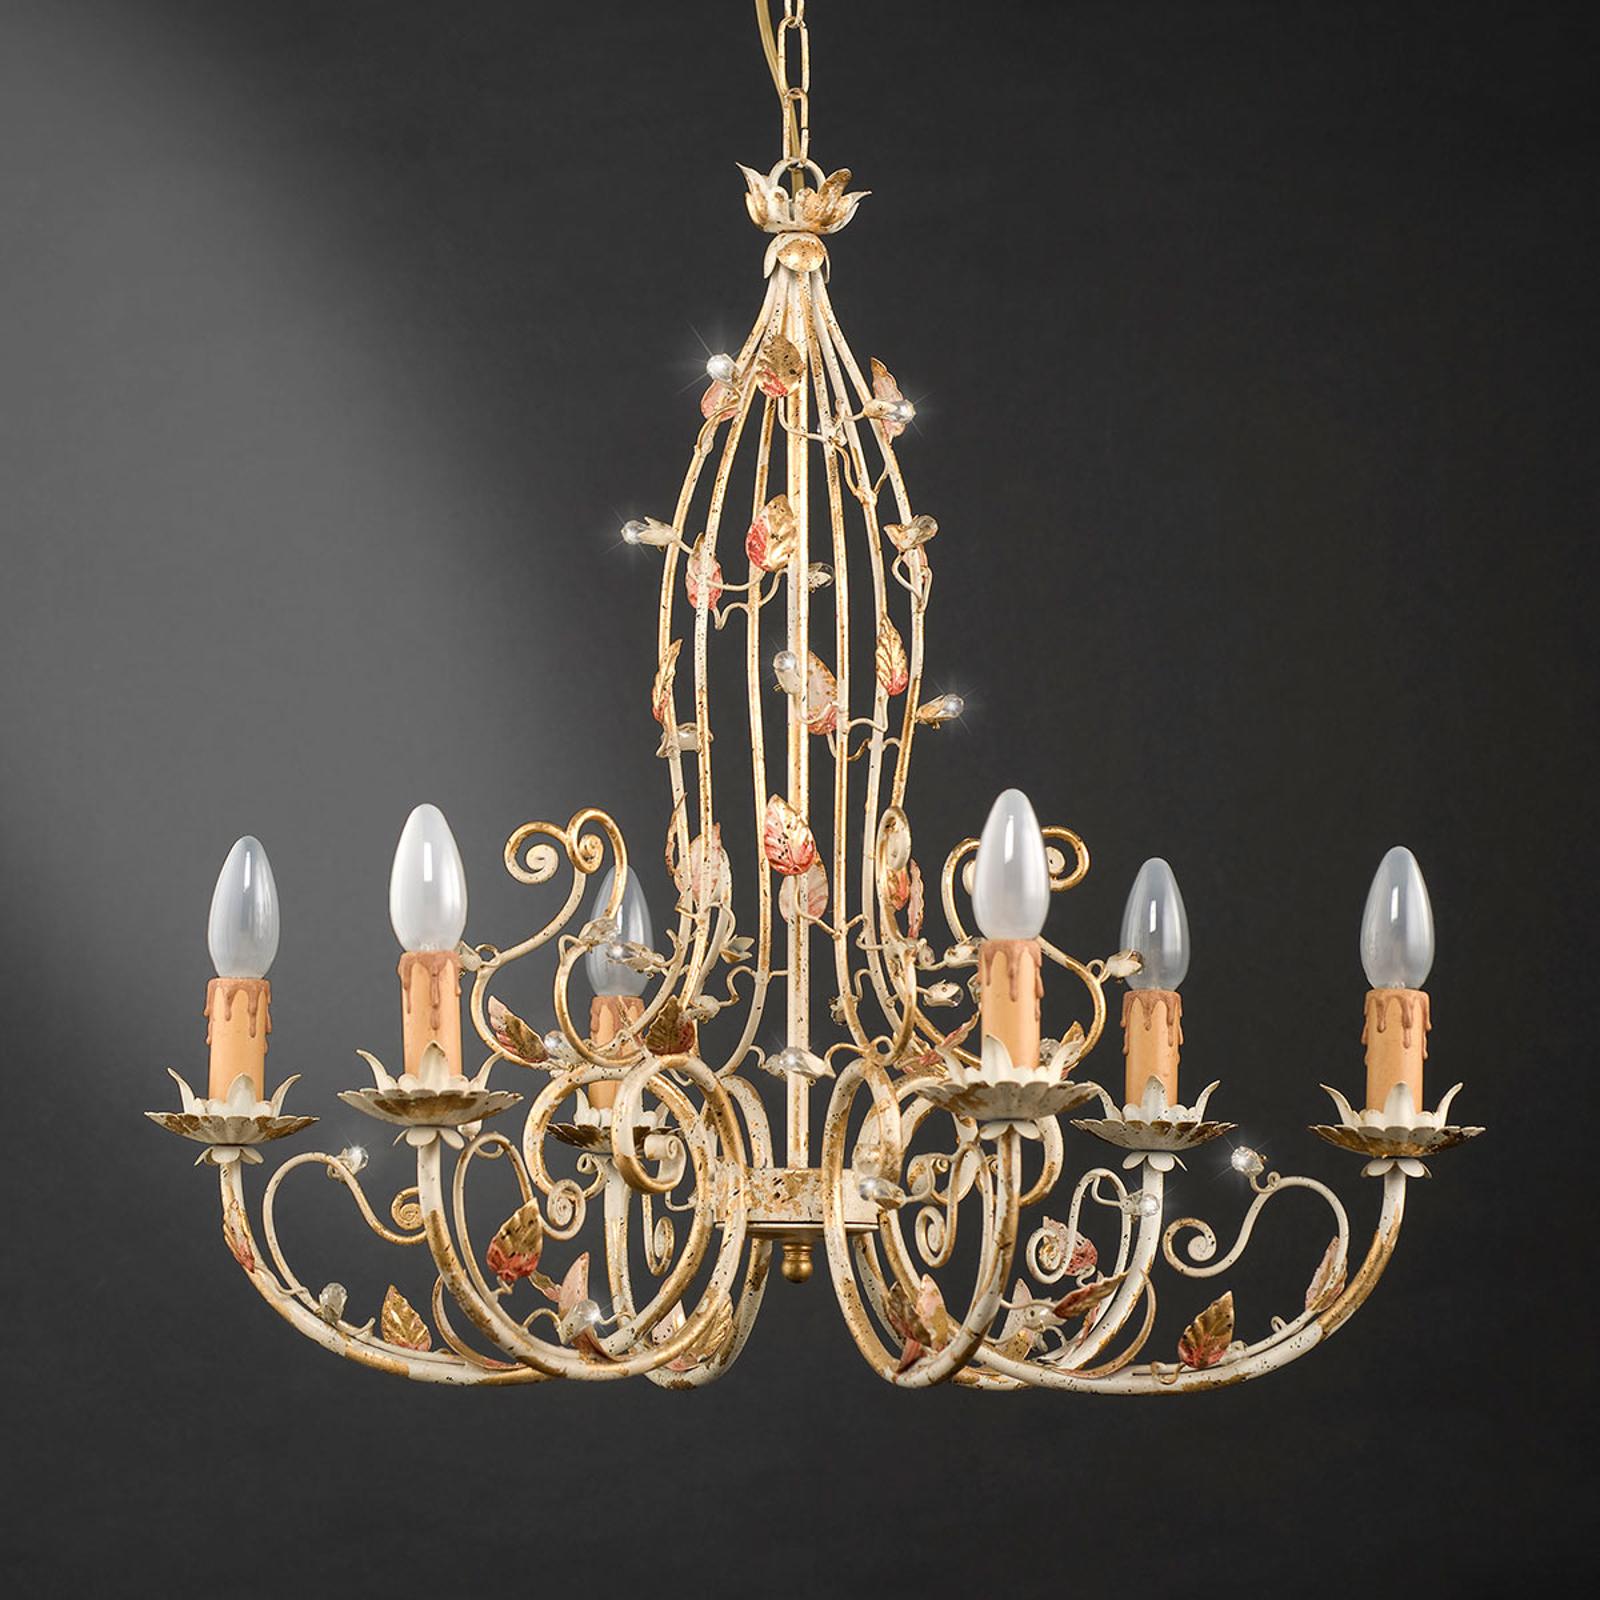 Kronleuchter 200/6, florales Design, 6-flammig